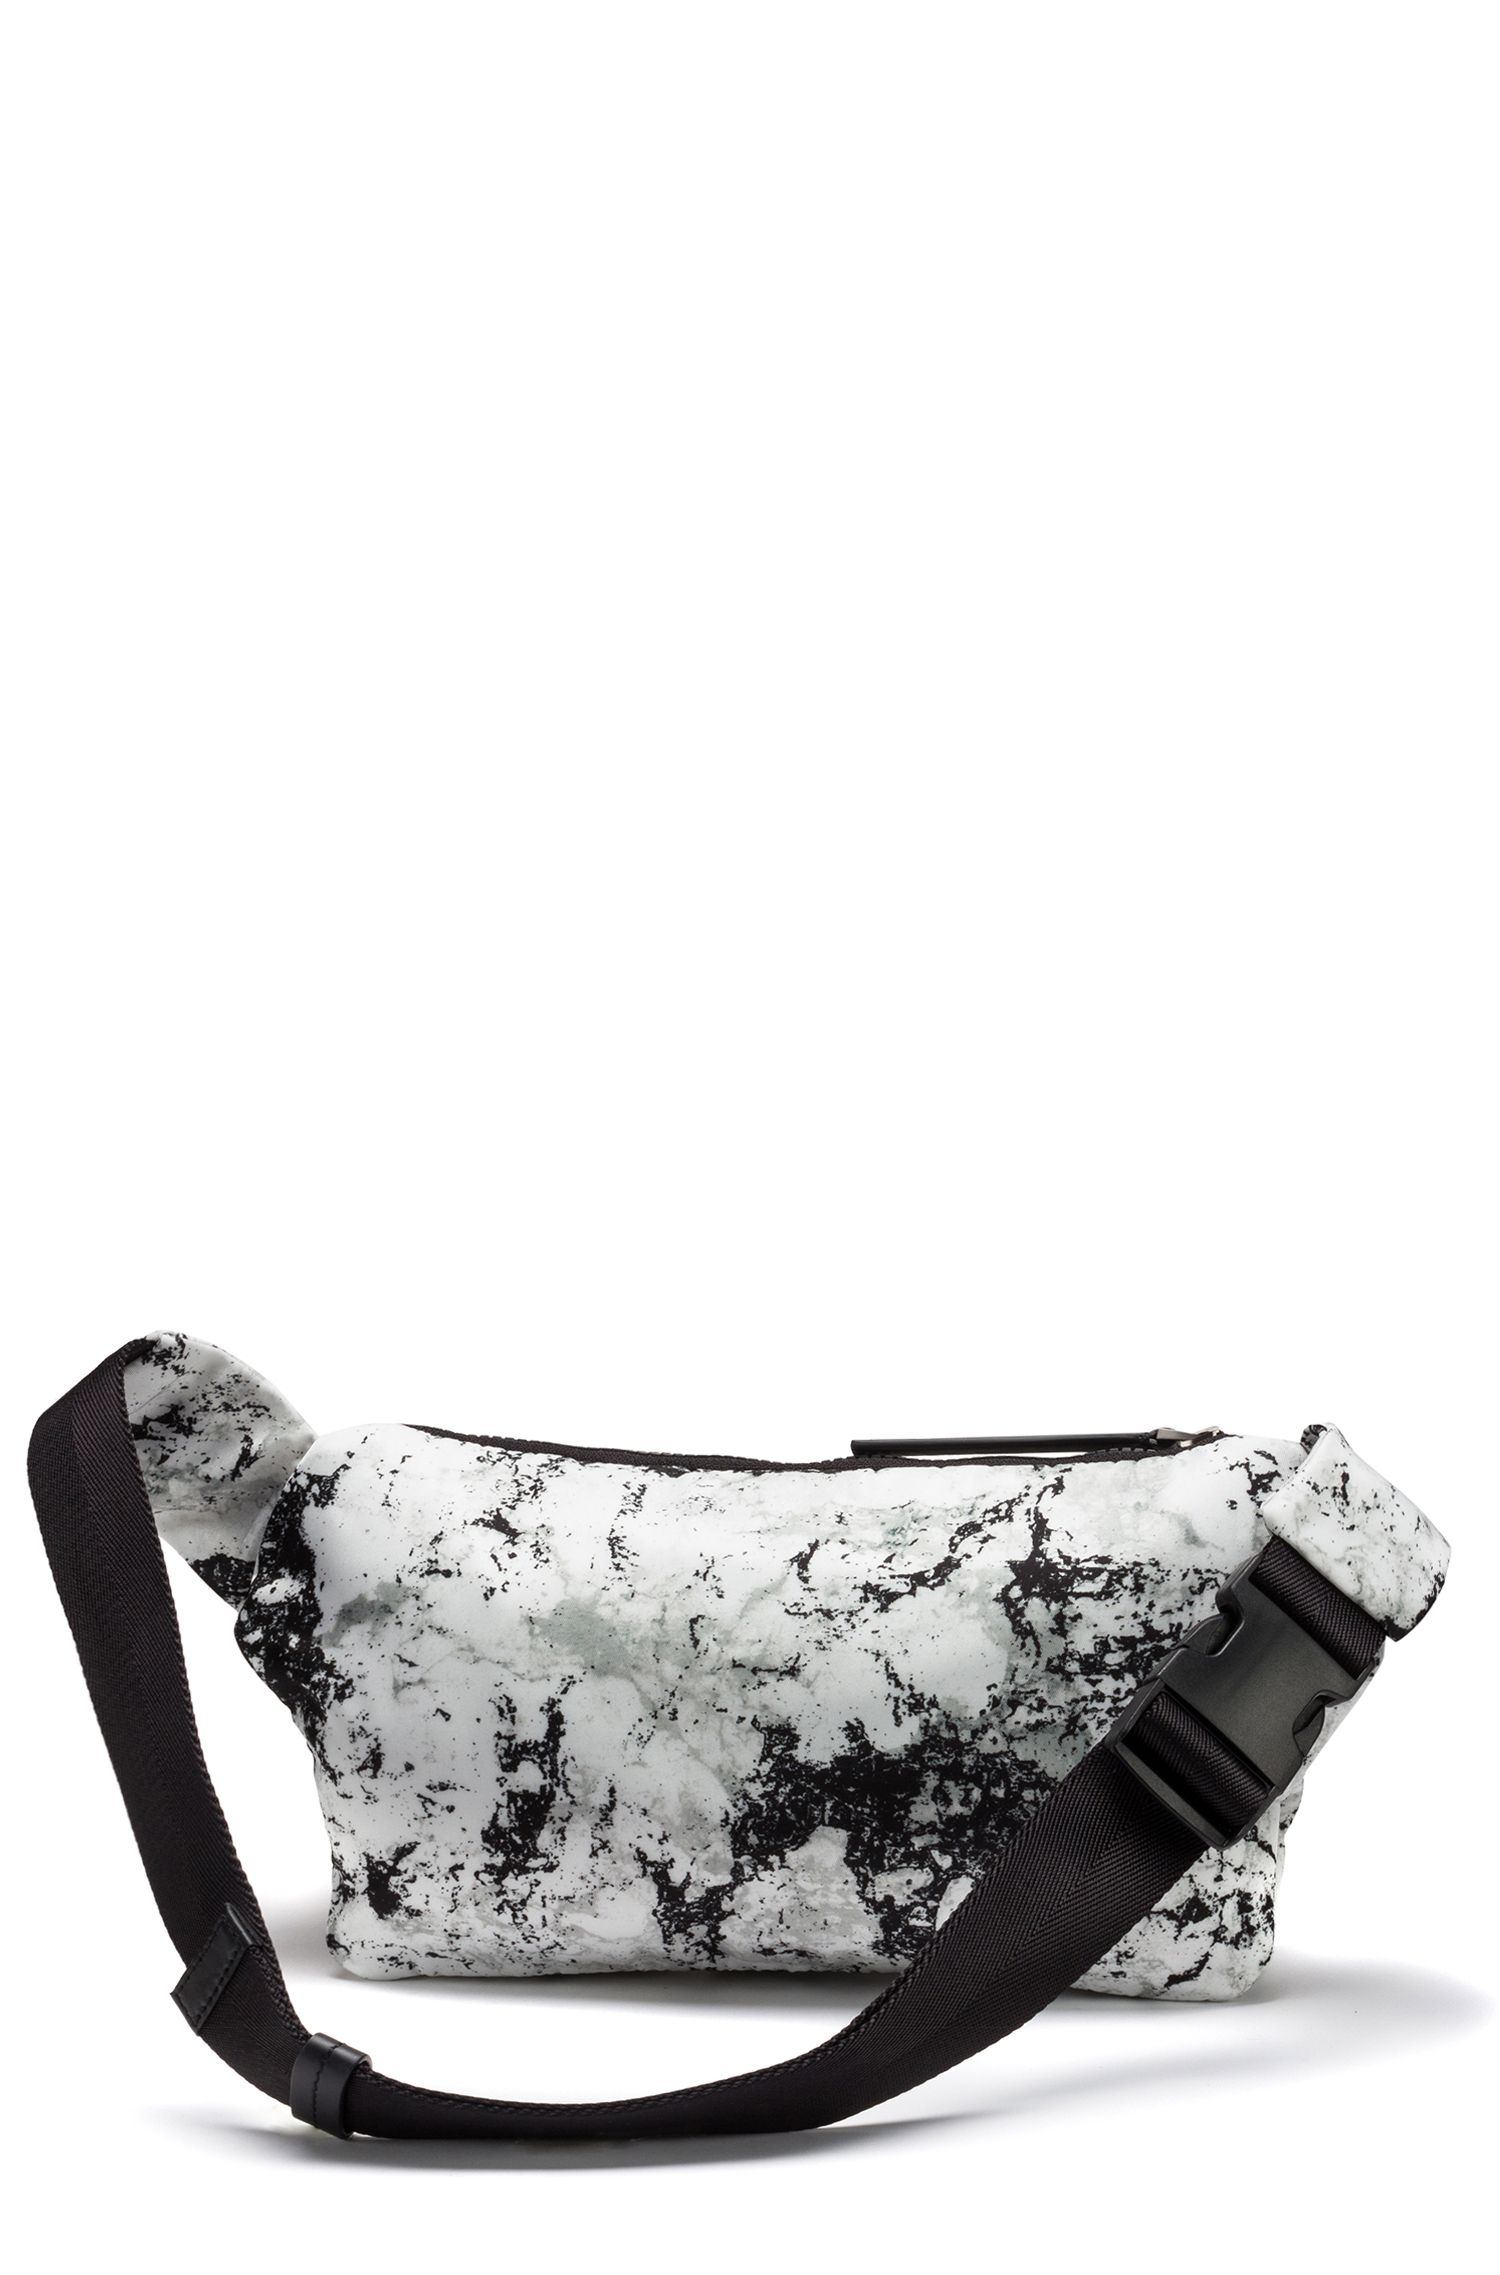 Sac ceinture en gabardine de tissu technique à imprimé camouflage neige, Fantaisie